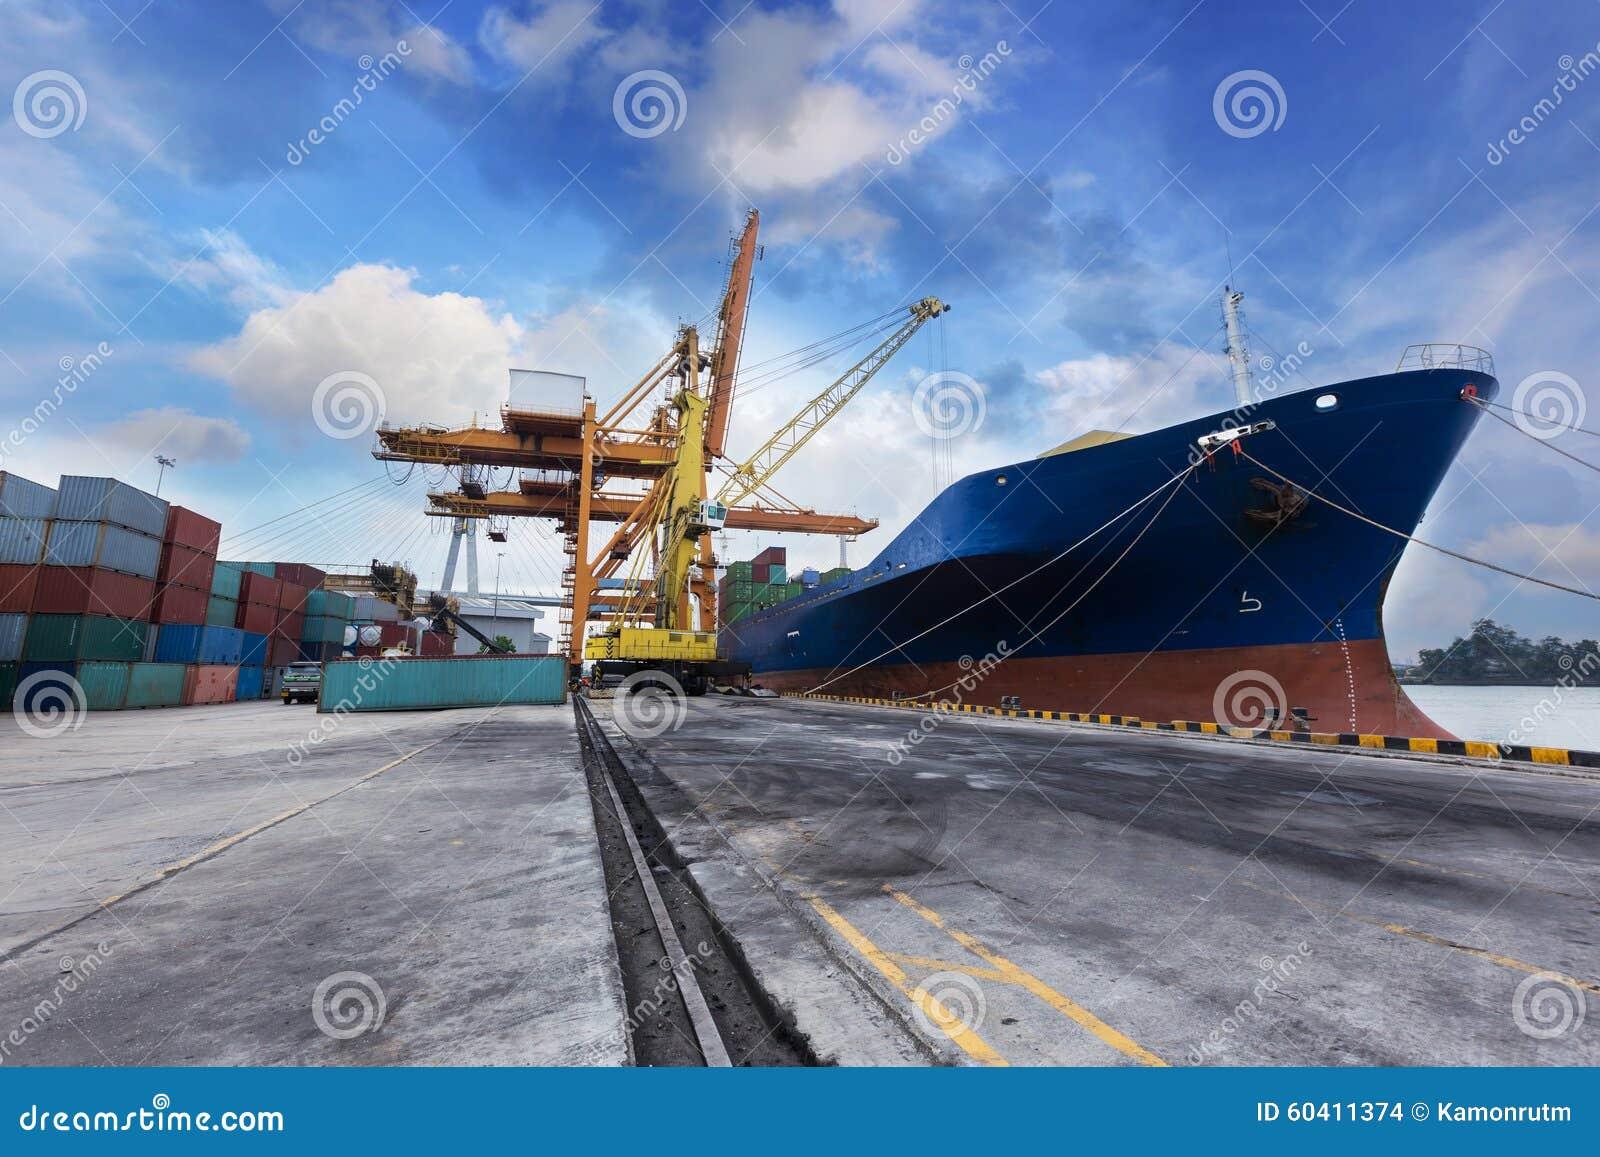 有运作的起重机bridg的工业容器货物货物船